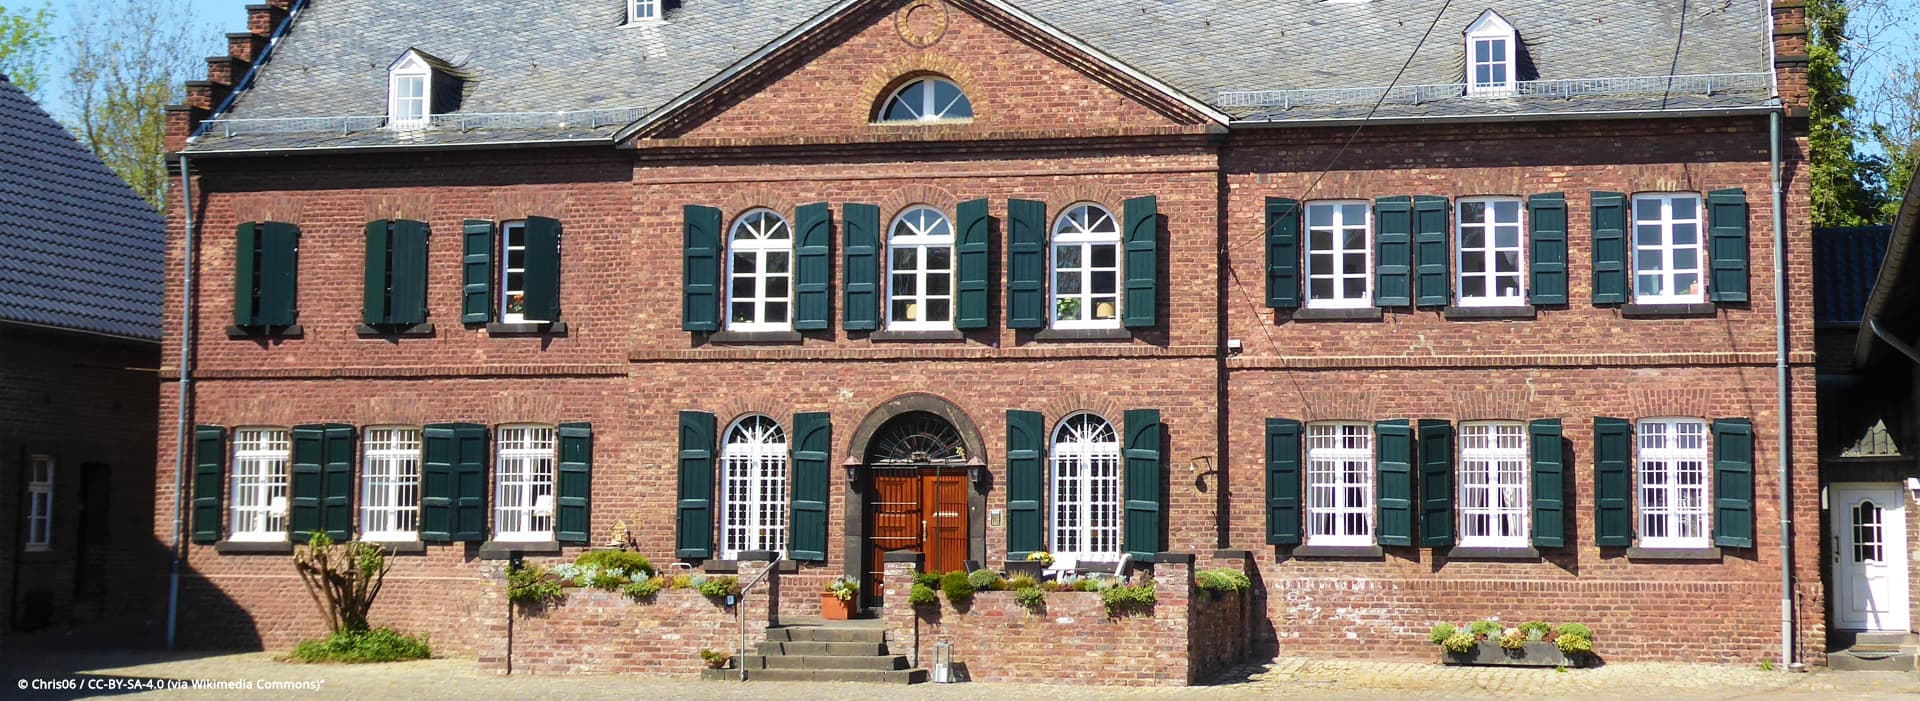 Widdersdorf Hofanlage Burghof